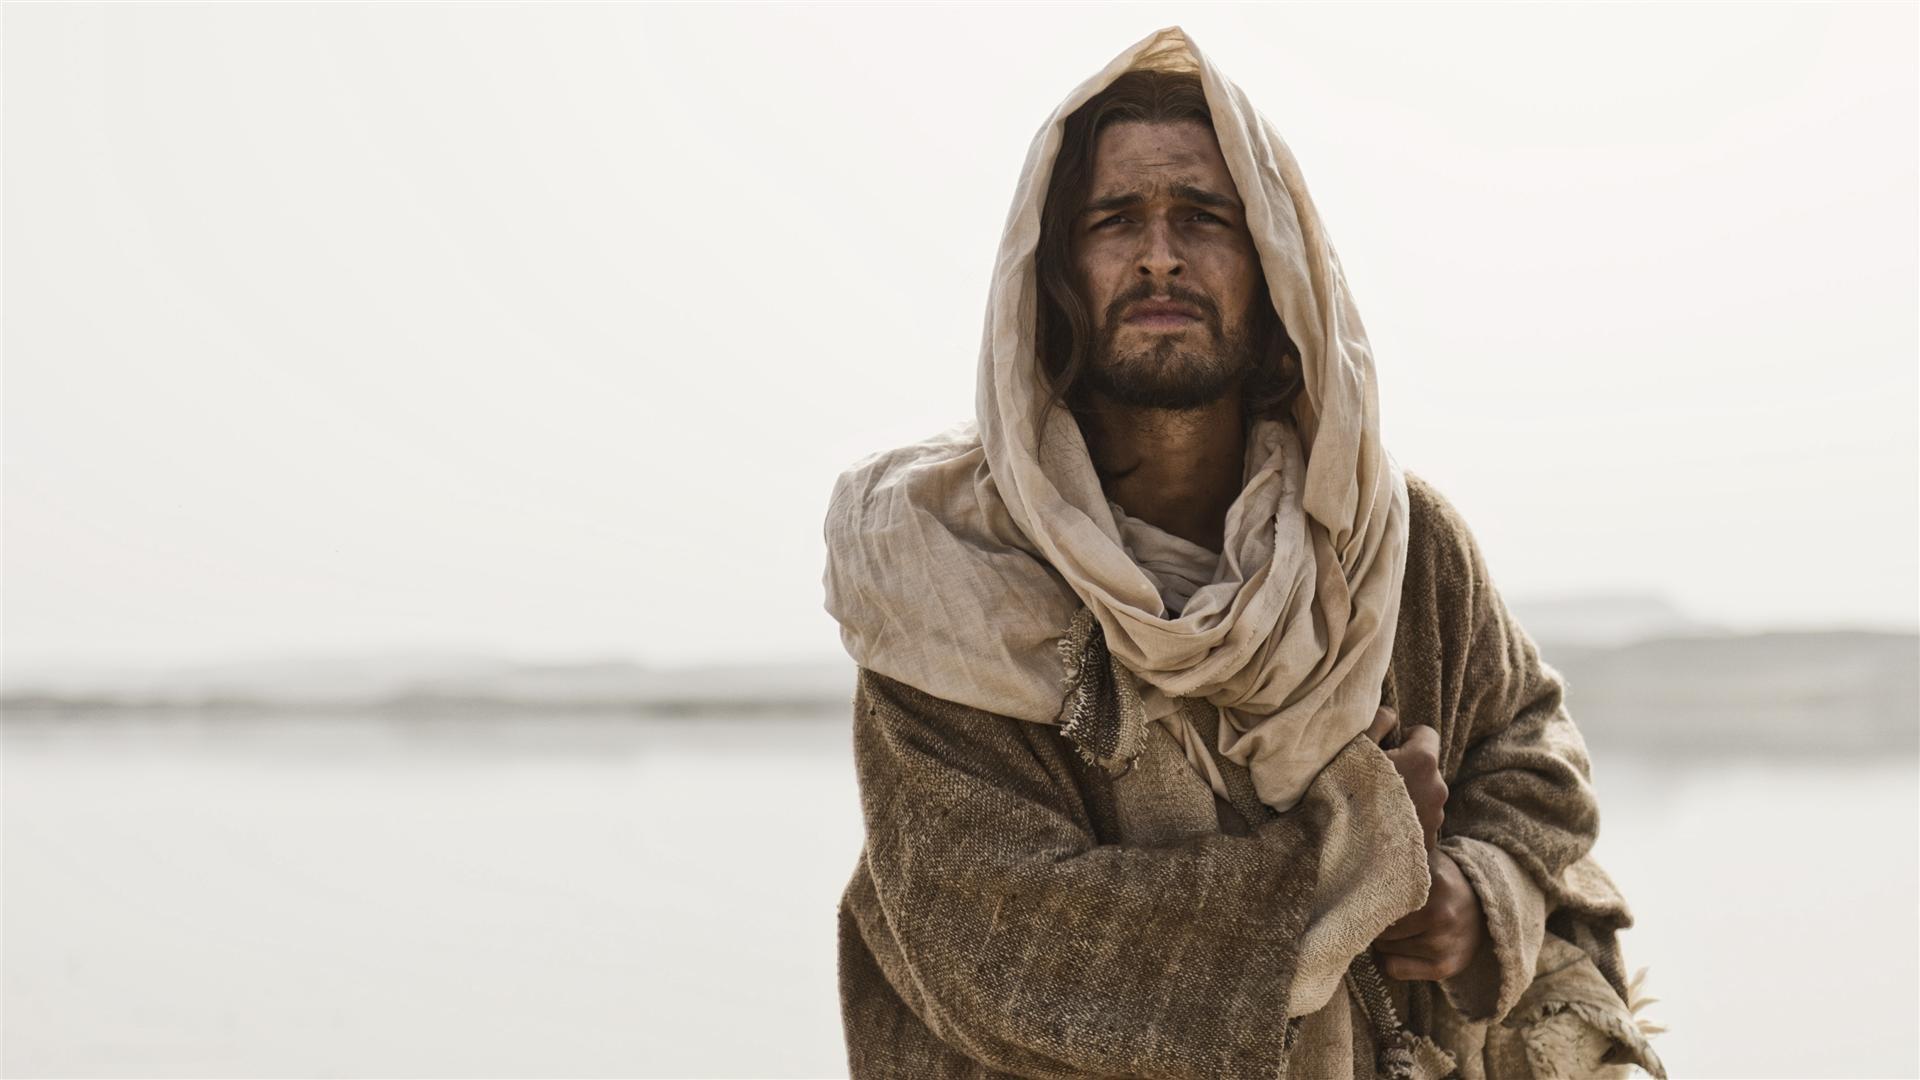 Иисус христос фото на рабочий стол